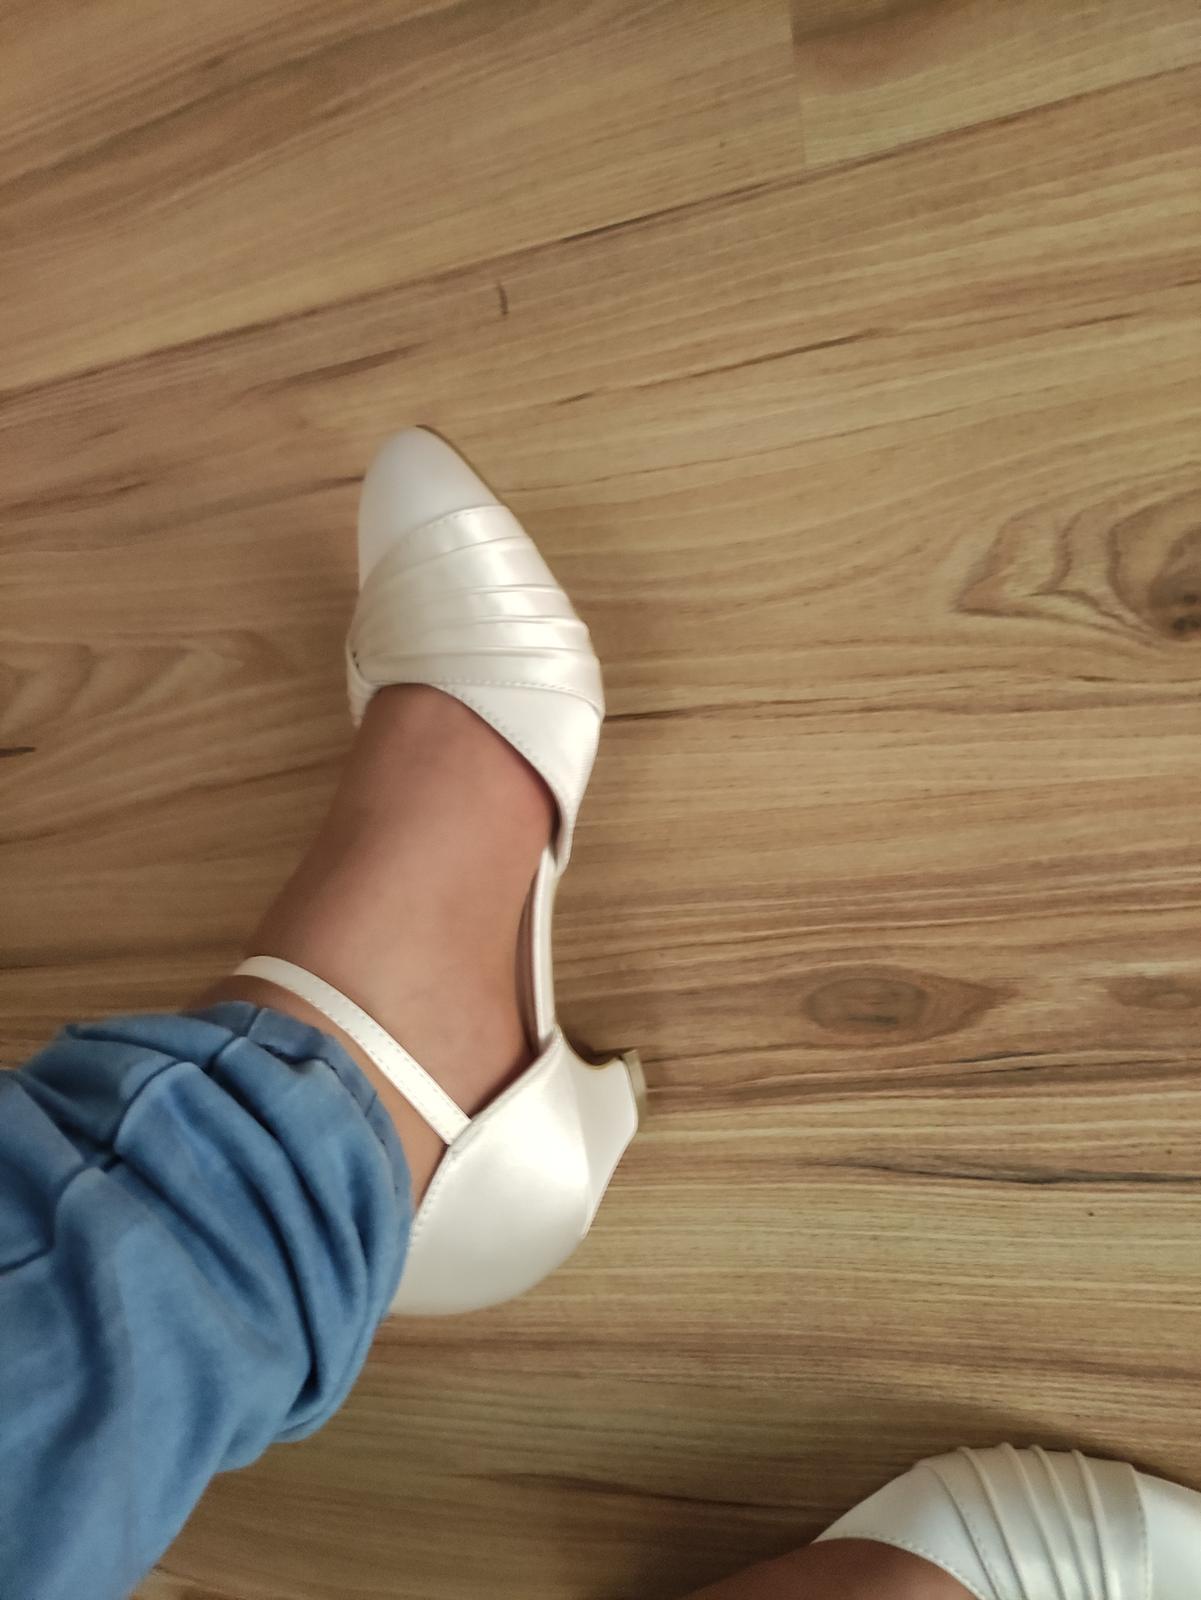 Svadobné topánky veľkosť 41 - Obrázok č. 1